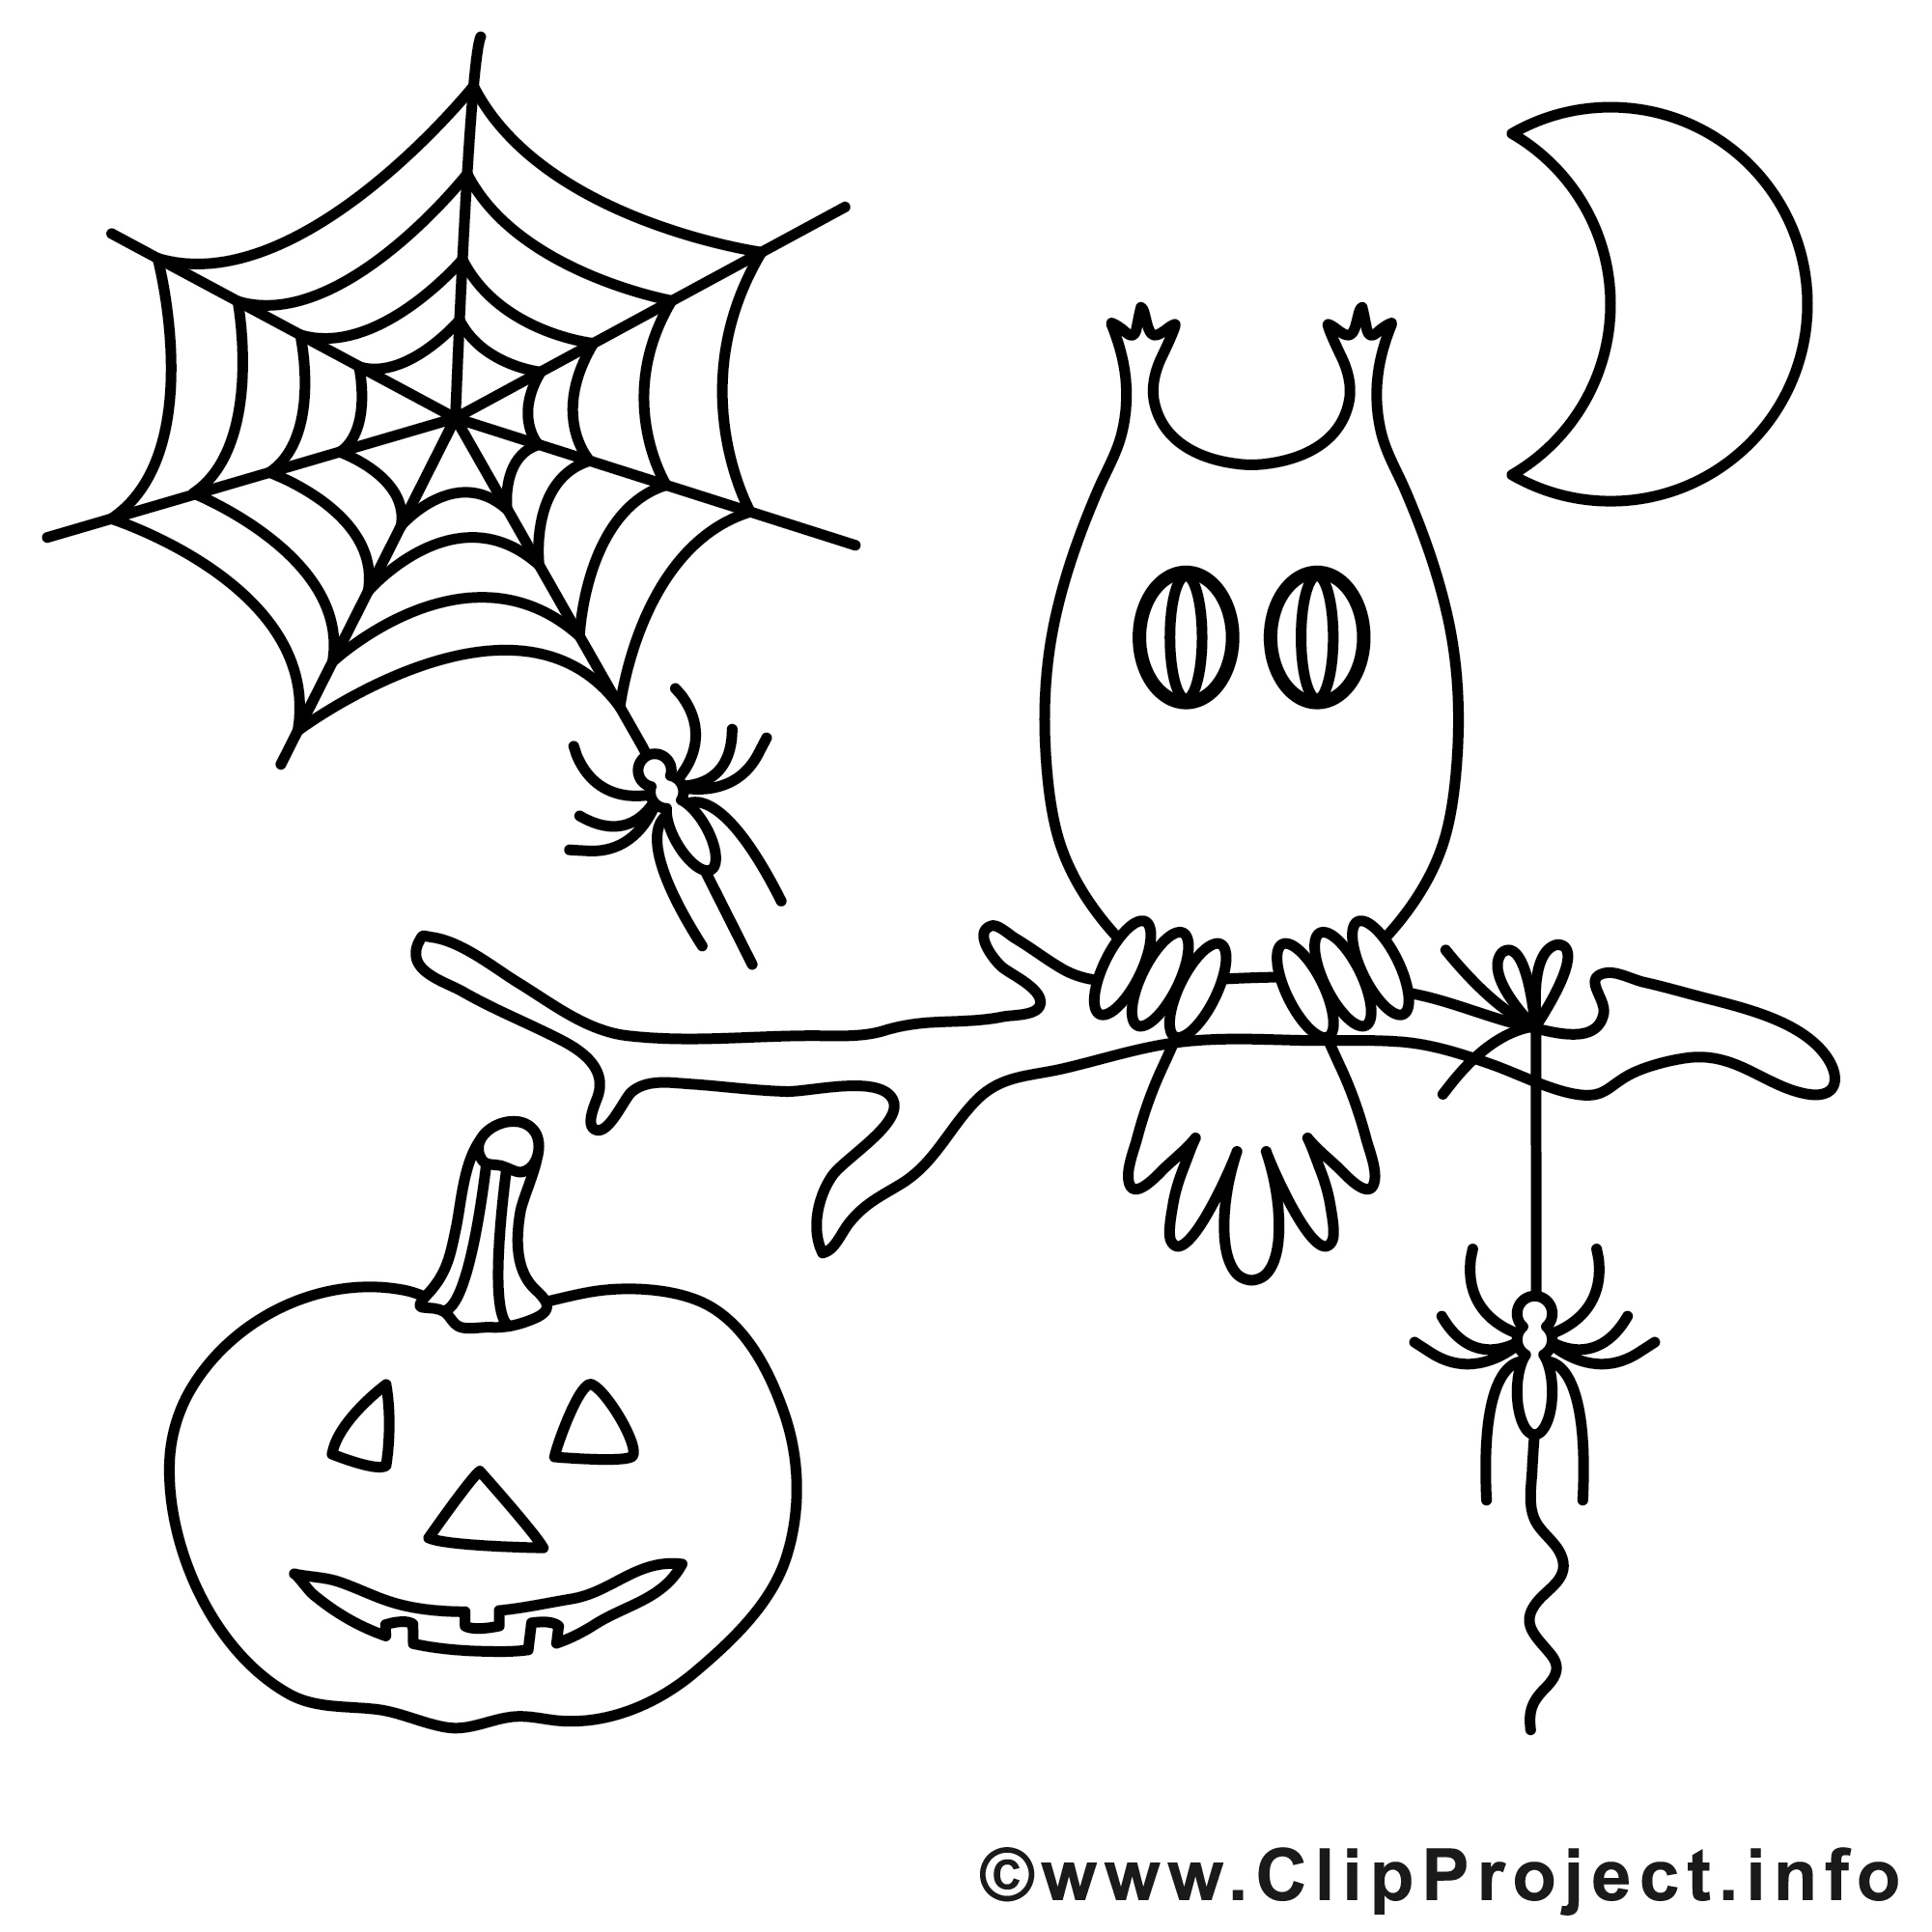 Halloween Malvorlagen Kostenlos Zum Bilder Ber Ausmalbilder verwandt mit Gratis Malvorlagen Halloween